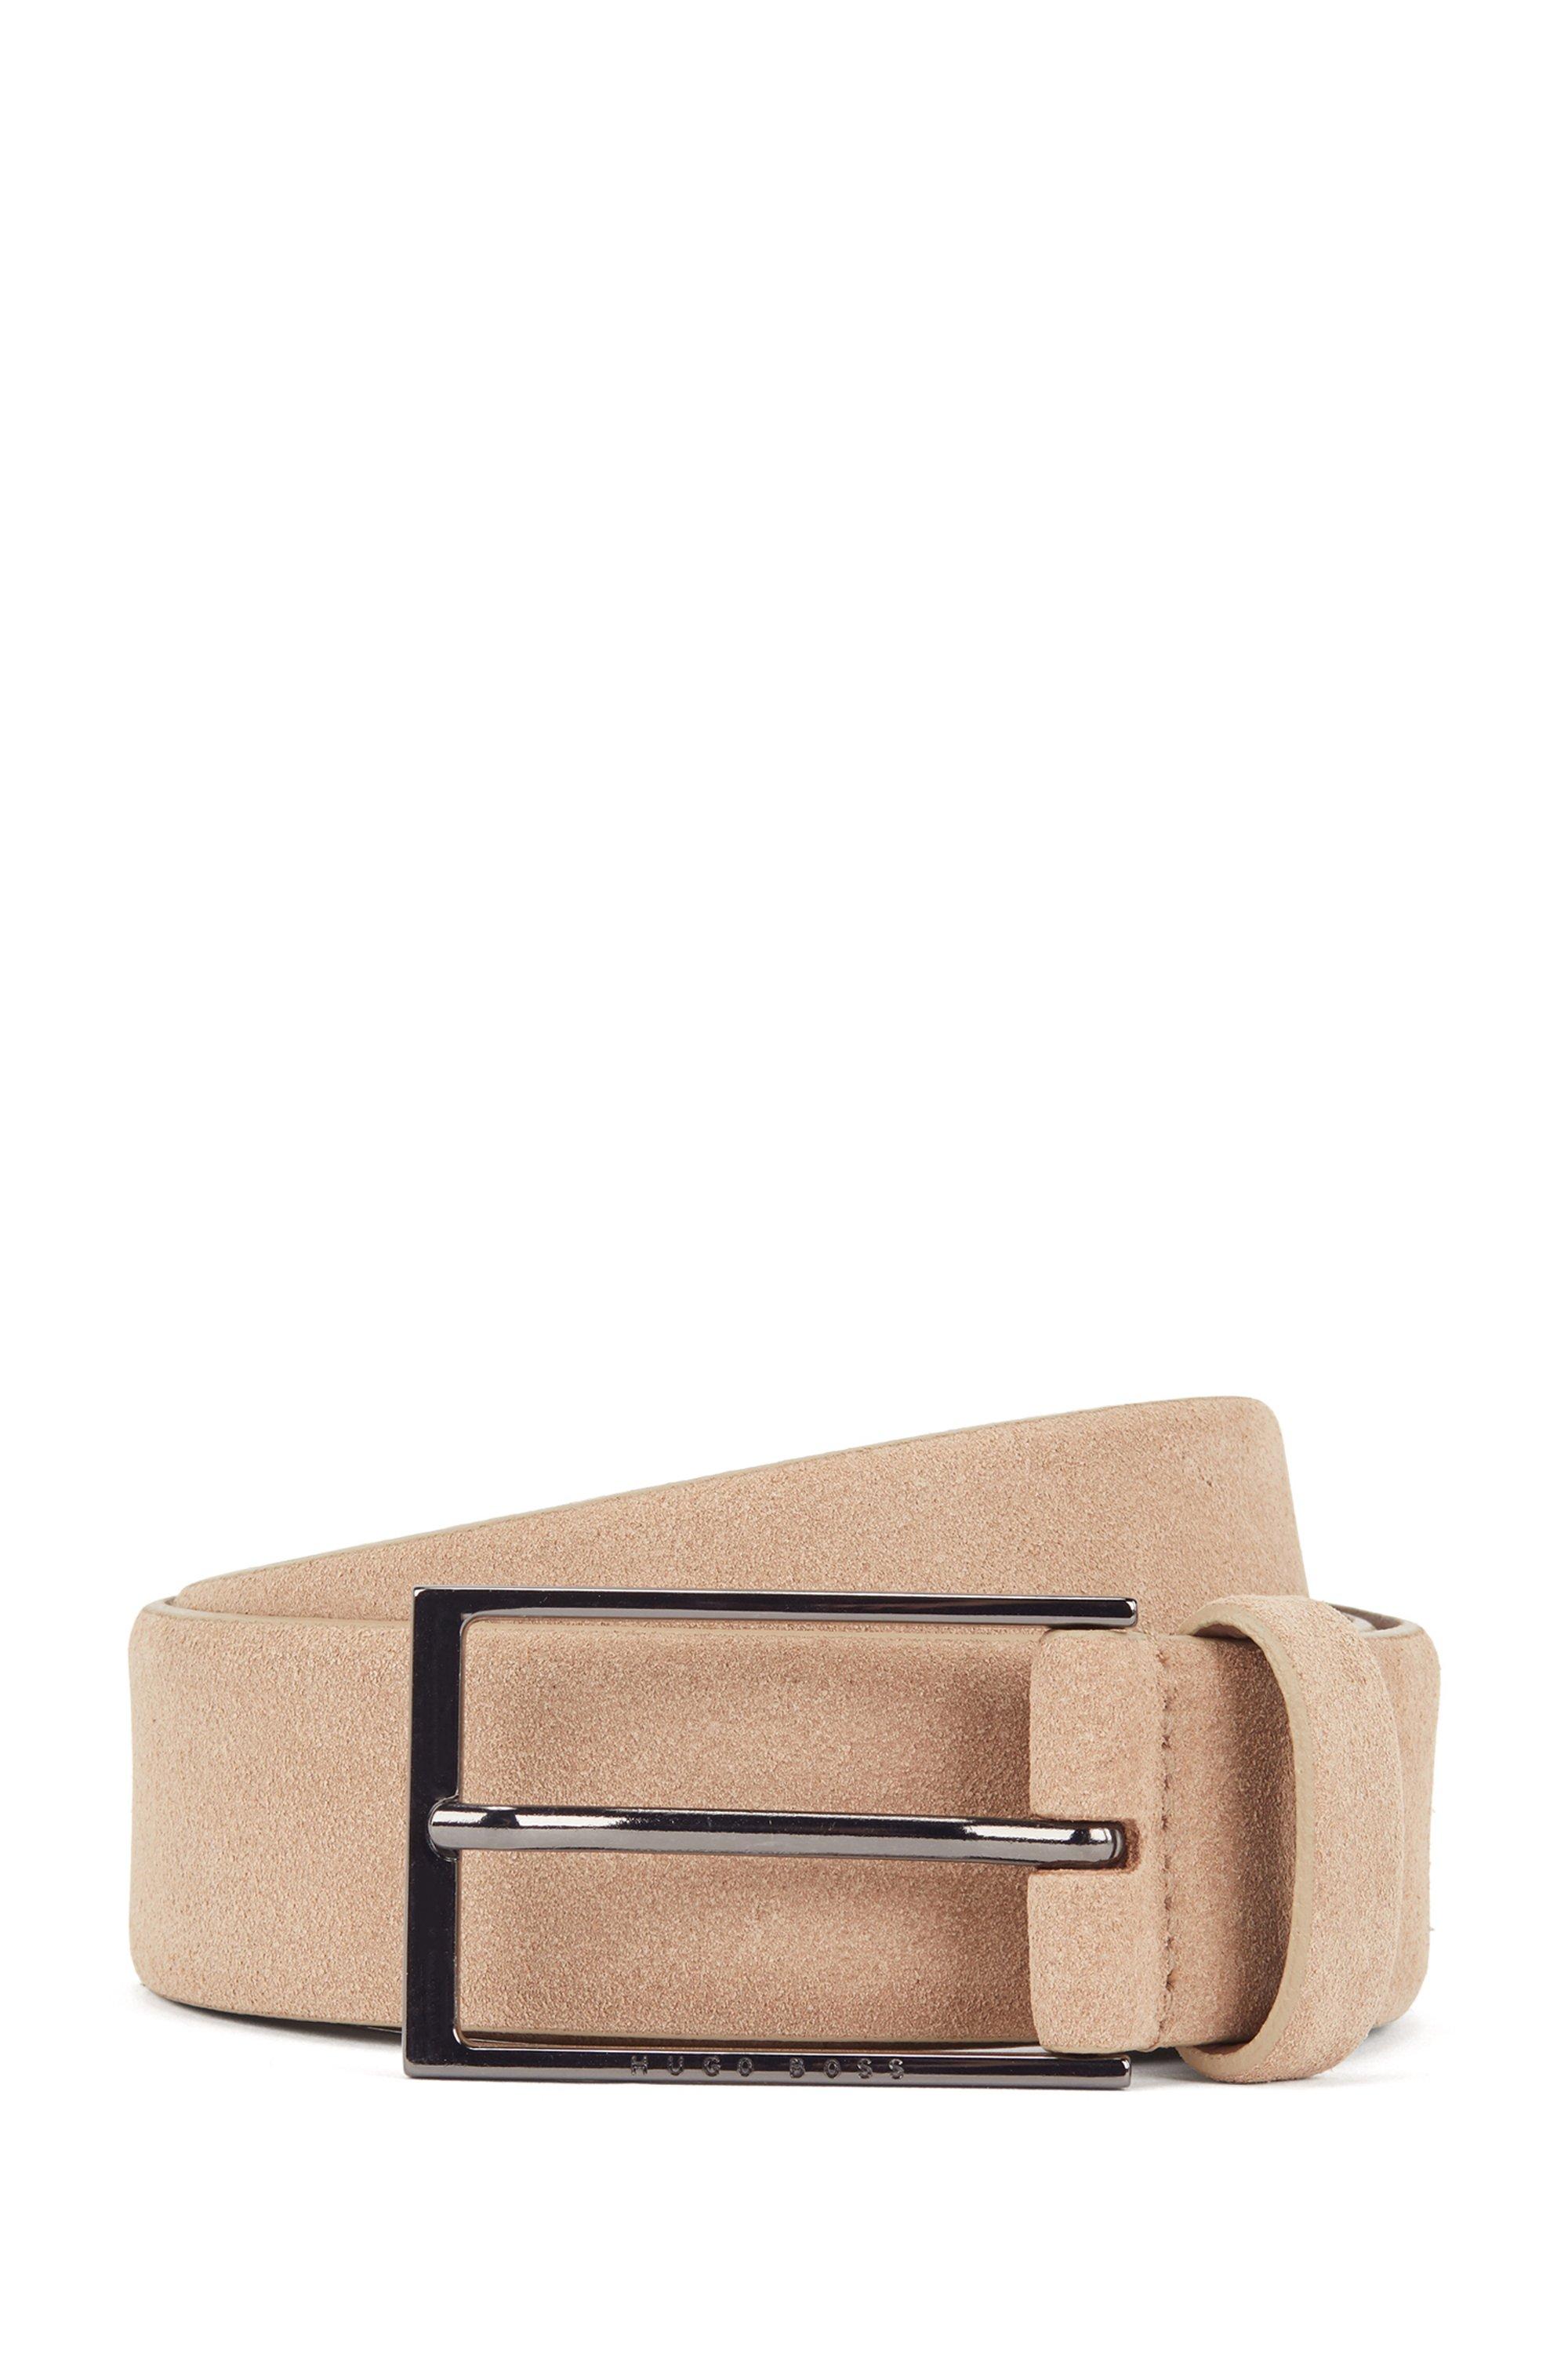 Gürtel aus Veloursleder mit Schließe aus poliertem Metall, Braun